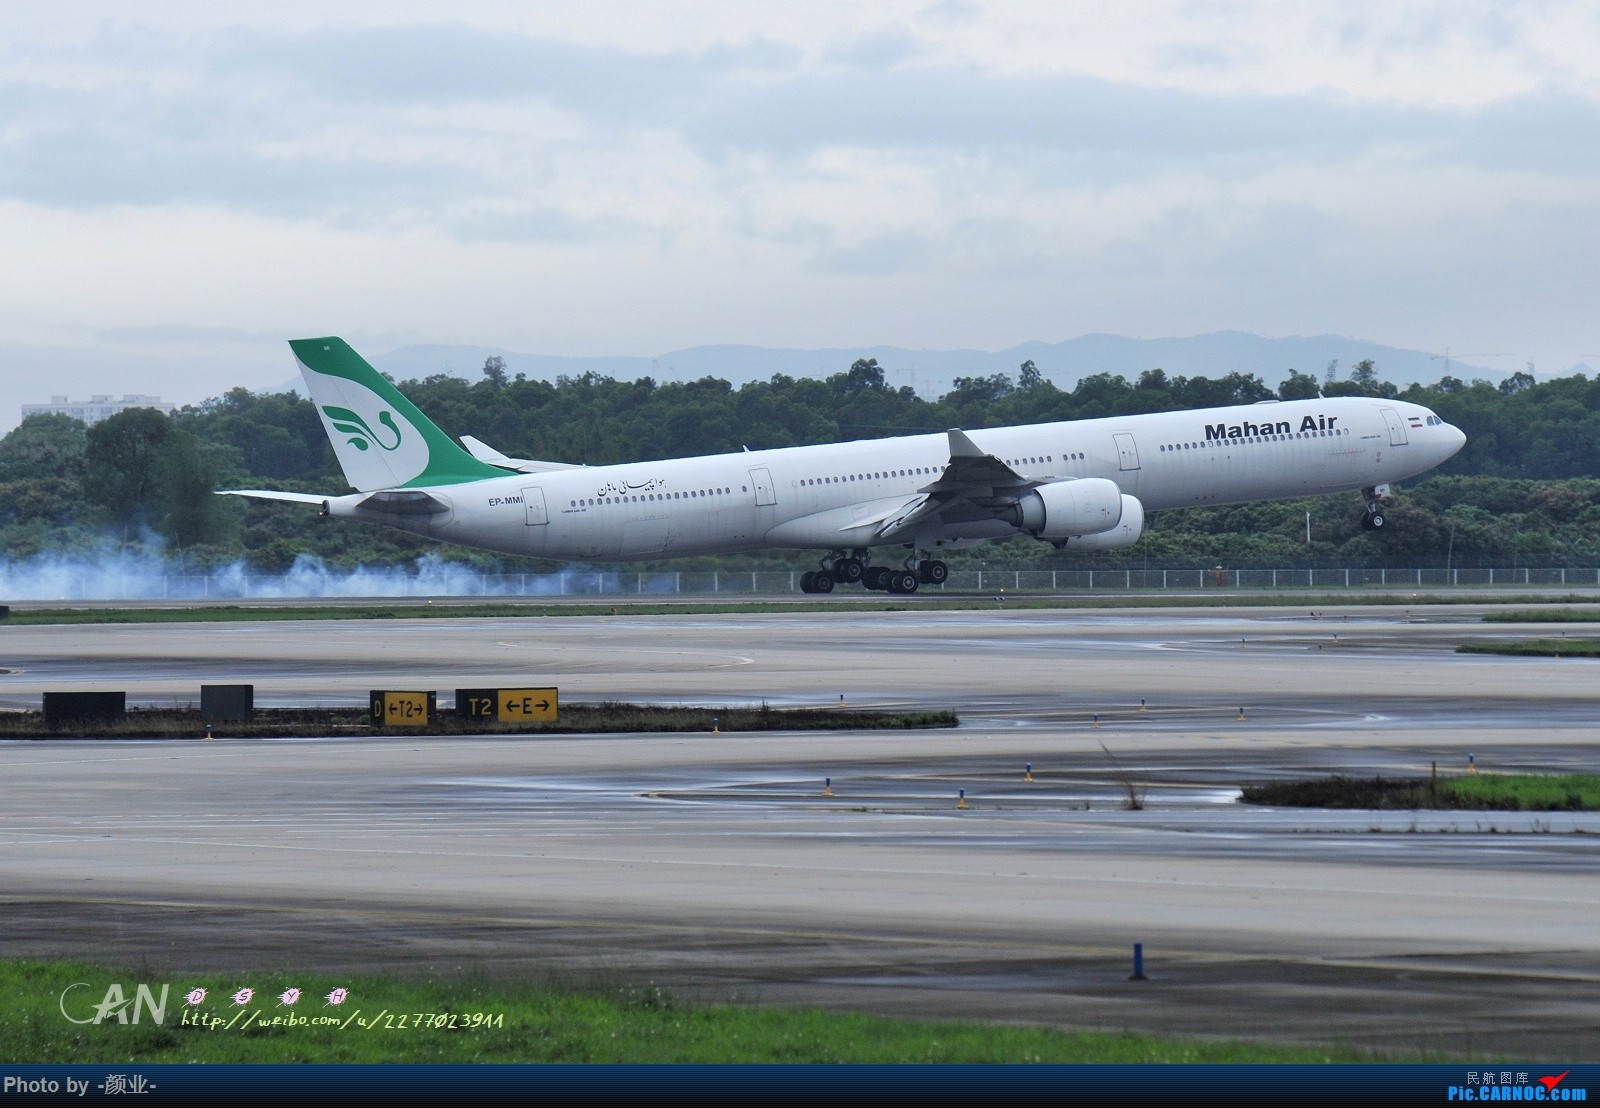 Re:[原创]2011-2016我的打灰机心情[广州] AIRBUS A300C4-600 EP-MMI 中国广州白云国际机场